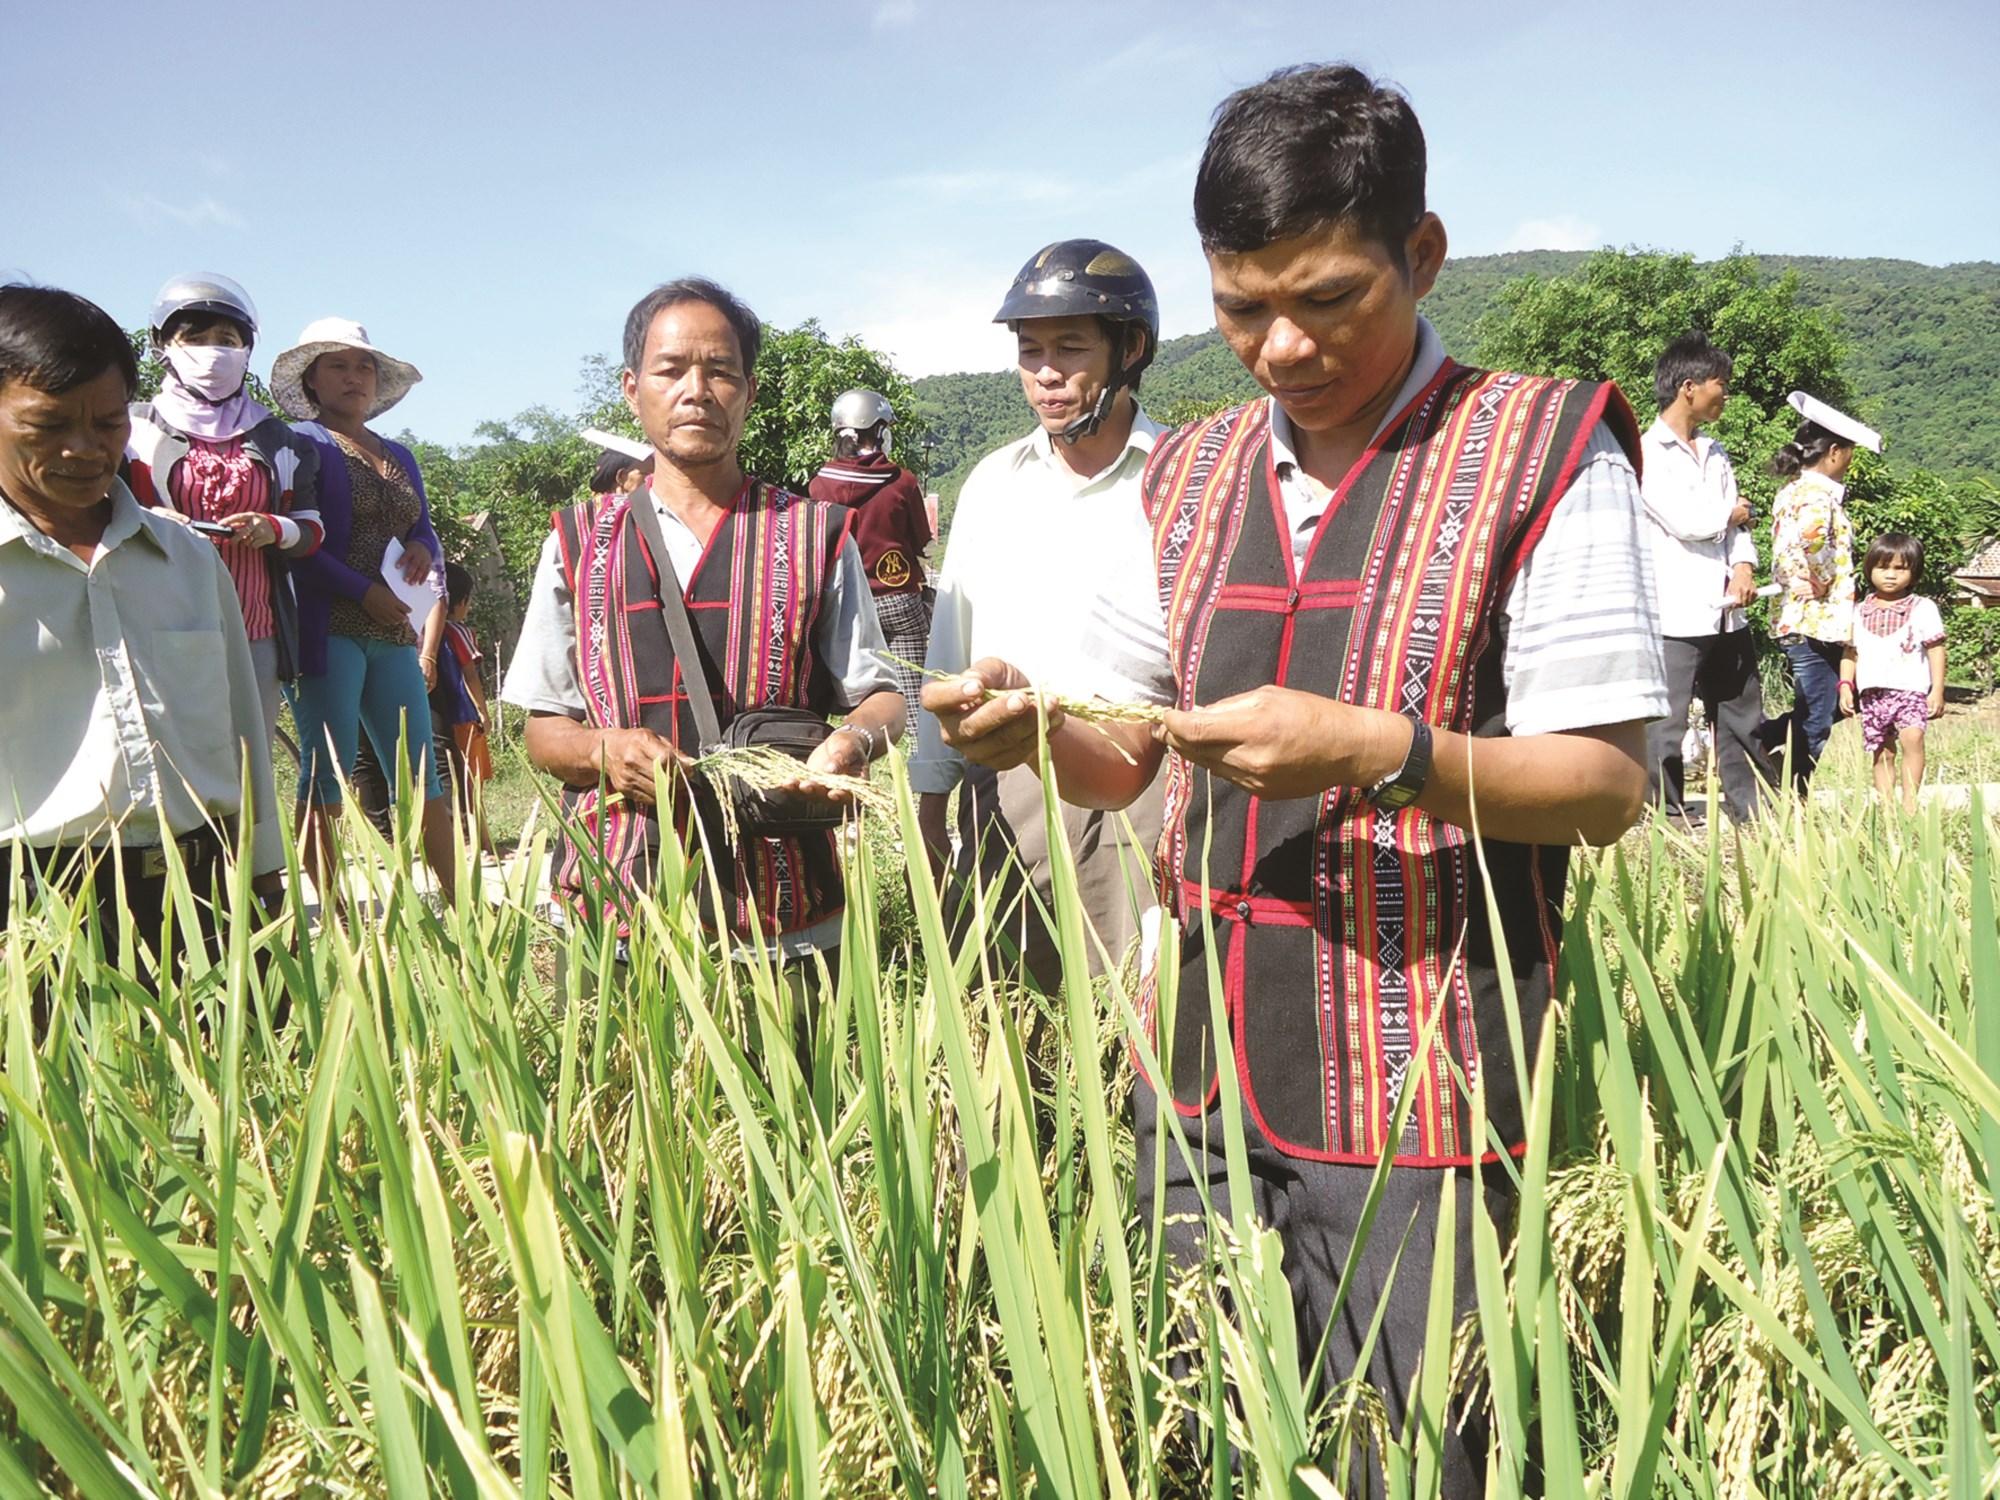 Việc hỗ trợ giống và chuyển giao khoa học kỹ thuật giúp cho đồng bào DTTS ở Vĩnh Thạnh trồng lúa nước đạt năng suất cao.